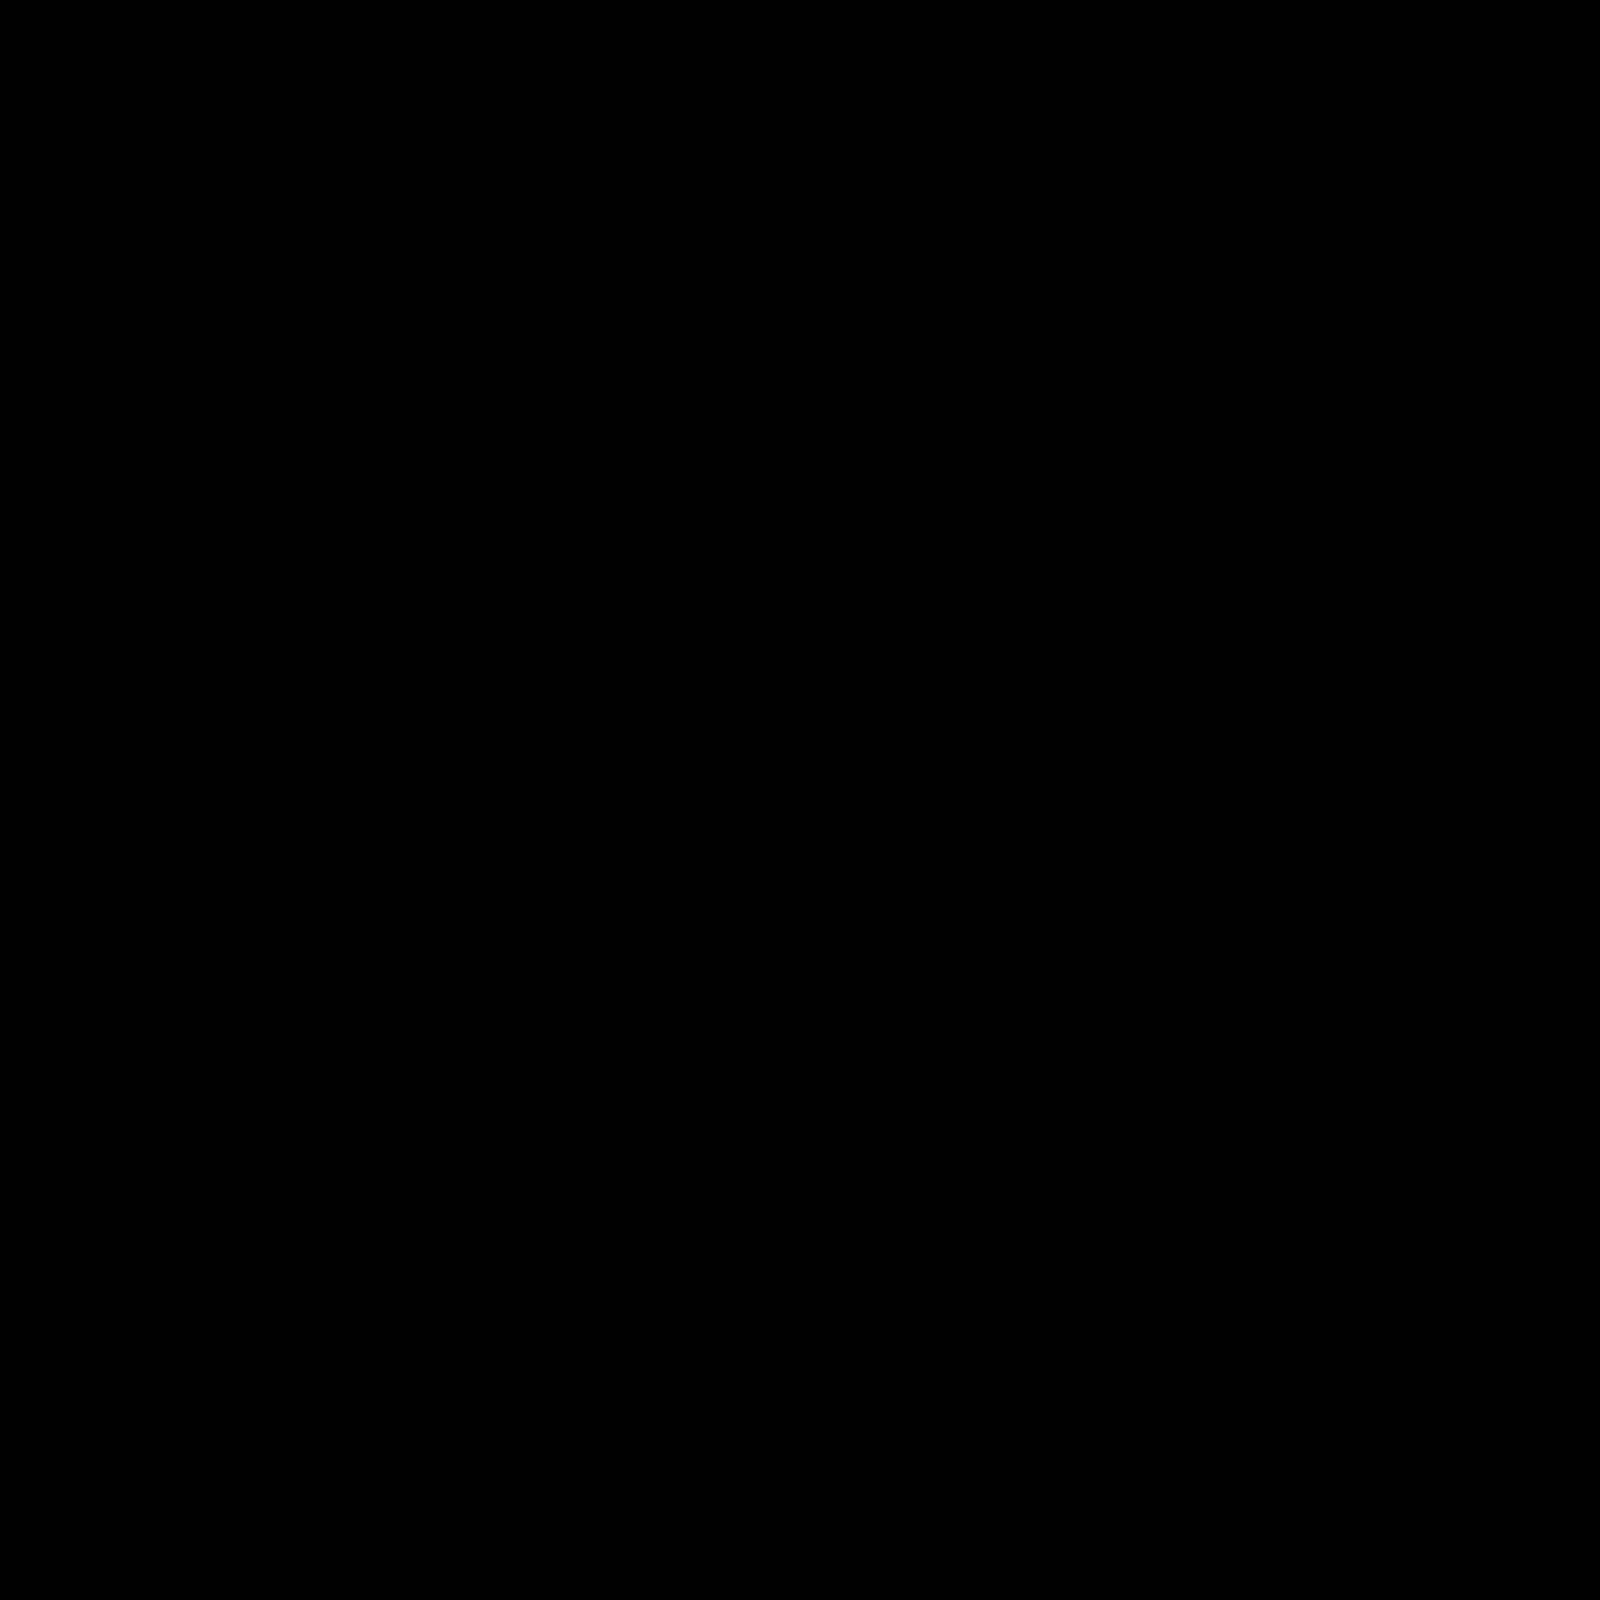 Śledzenie icon